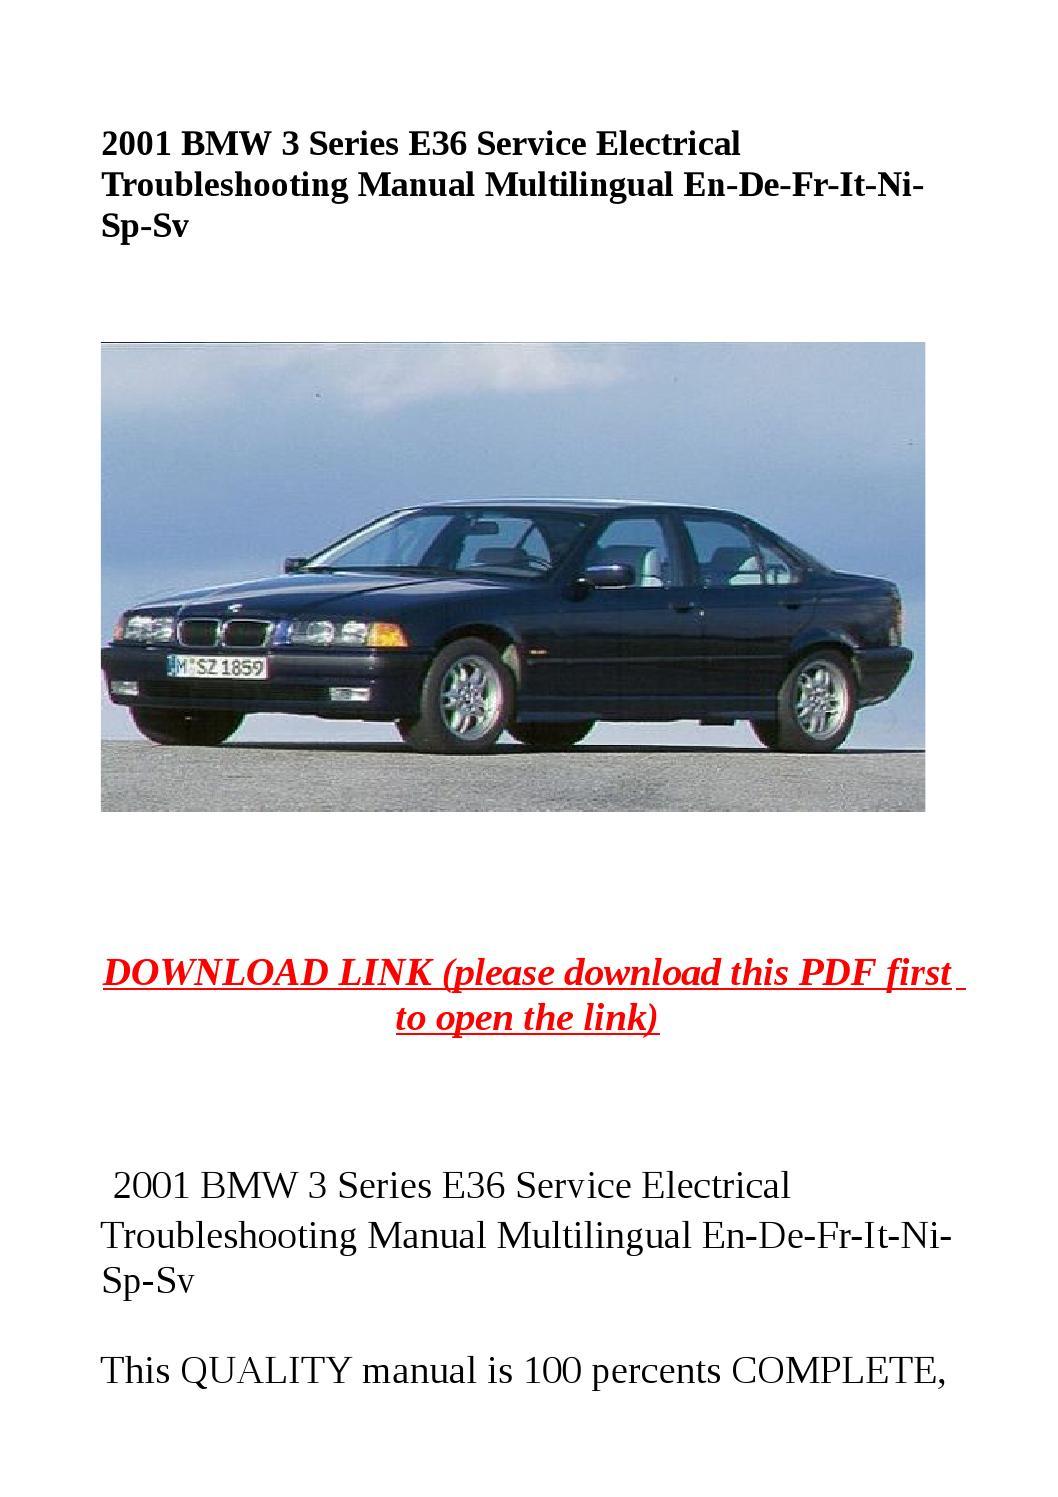 bmw e36 service manual pdf